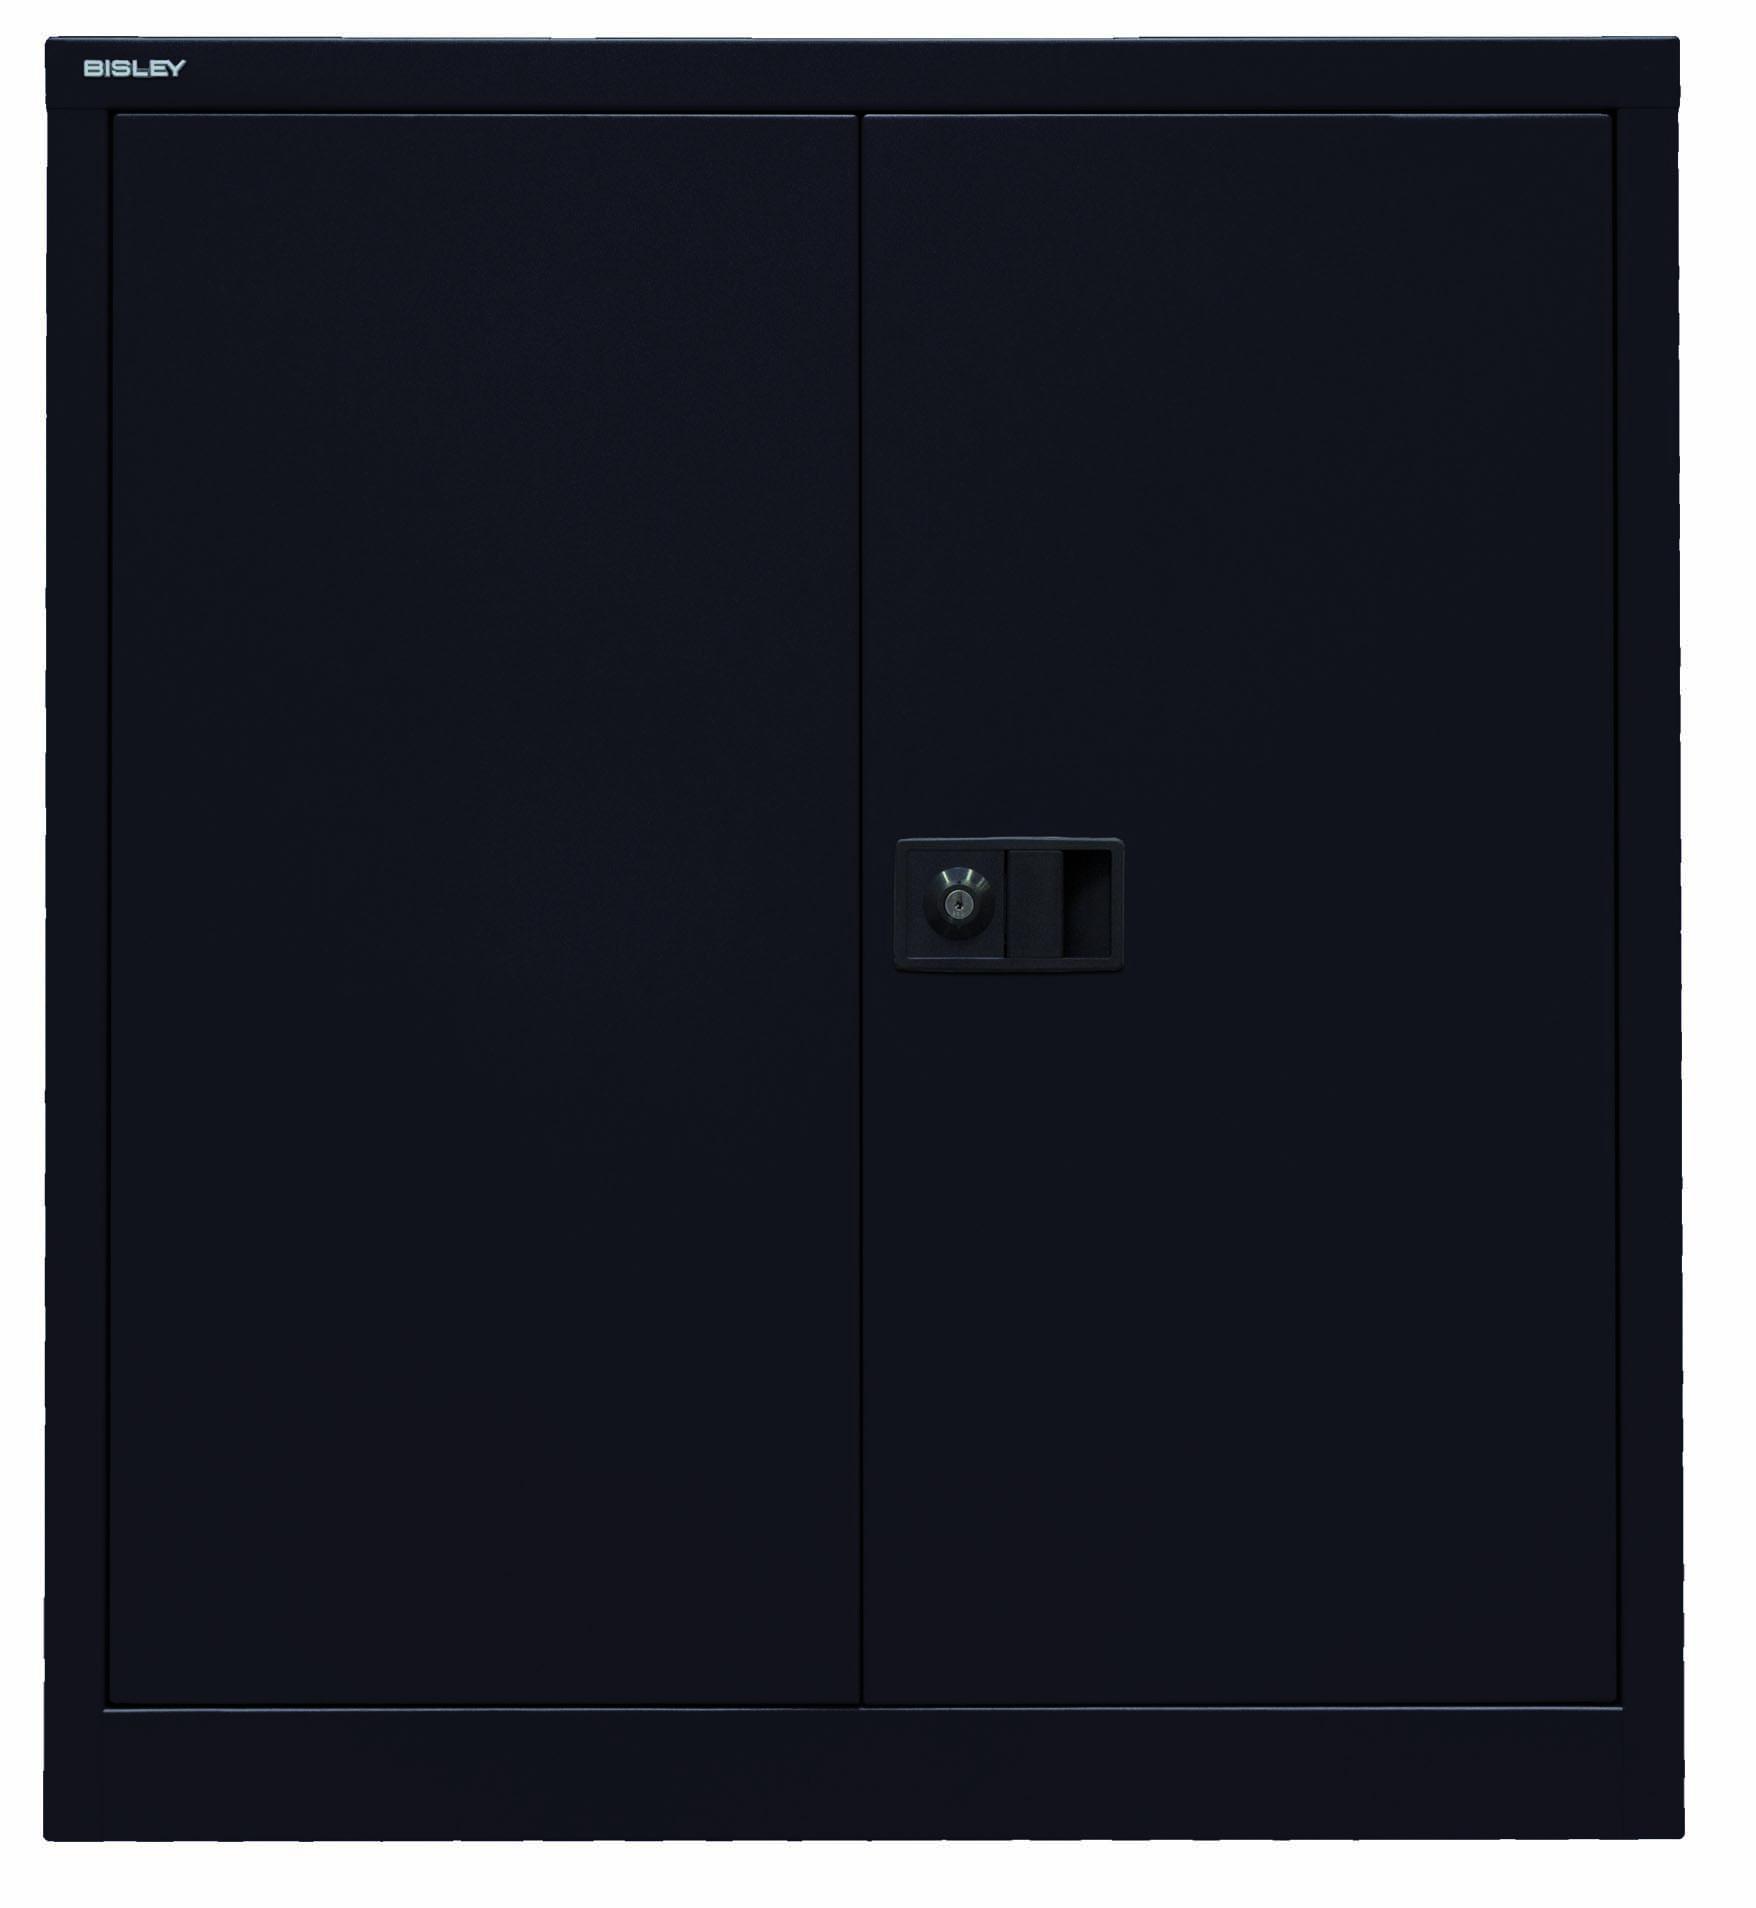 Bisley Flügeltürenschrank Universal, 1 Fachboden, 2 OH, Farbe schwarz